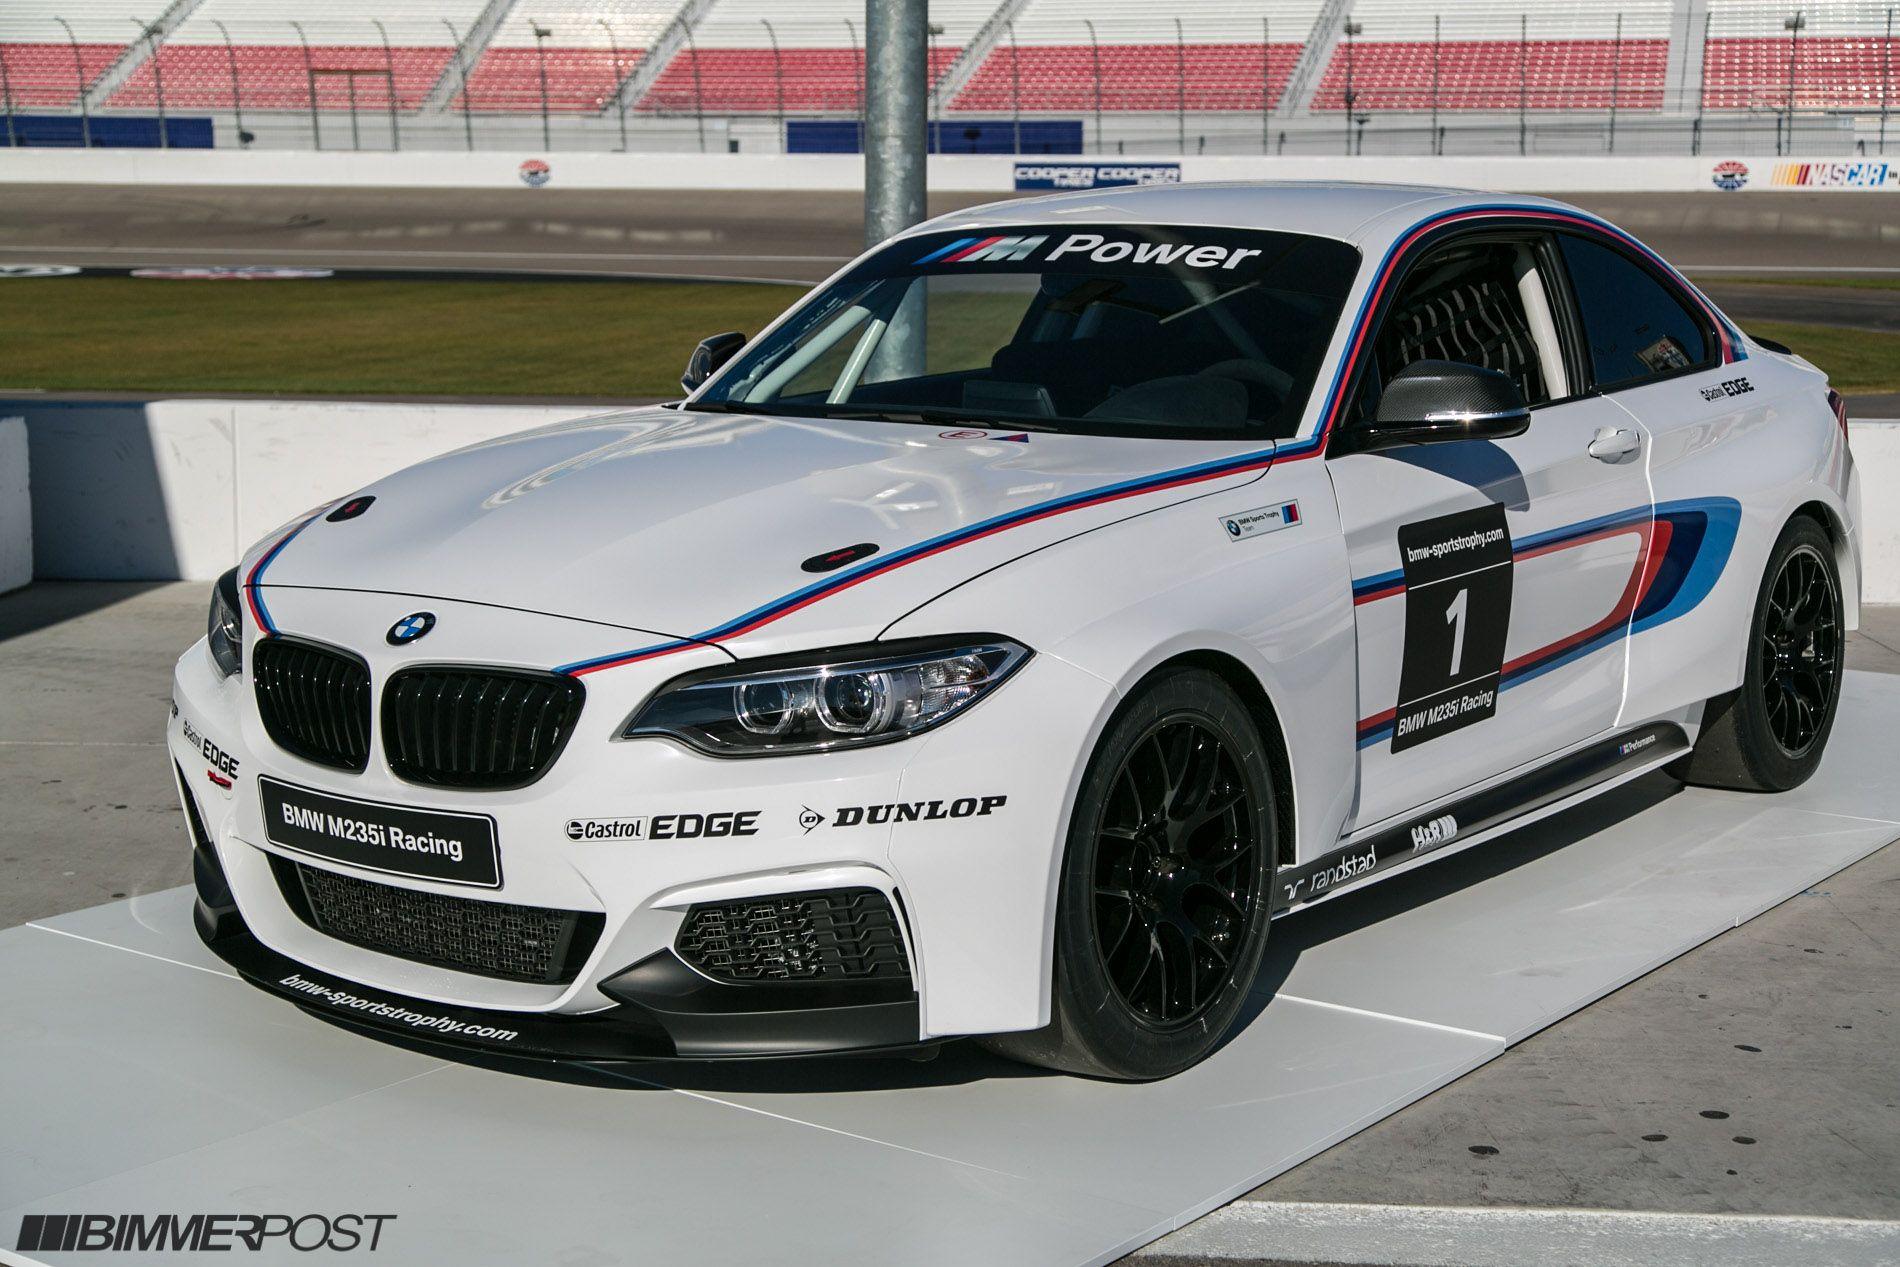 Bmw M235i Racing Car Bmw Car Racing